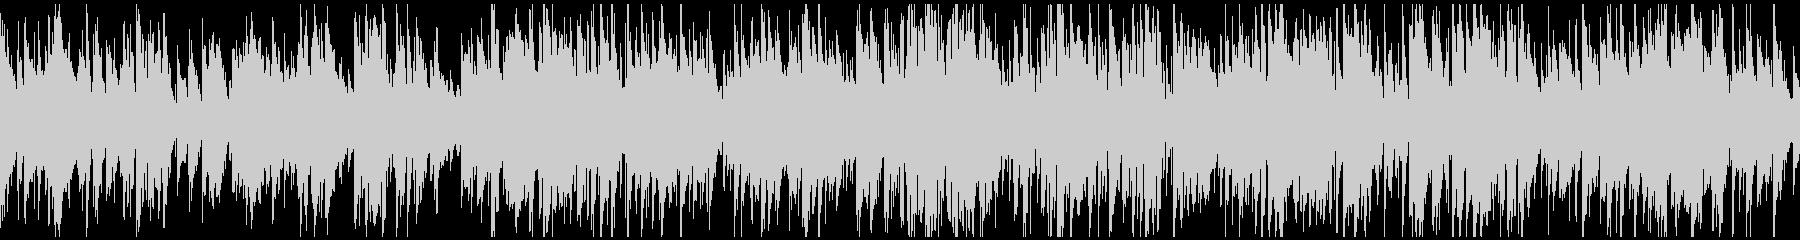 日常系の明るいジャズ、サックス※ループ版の未再生の波形